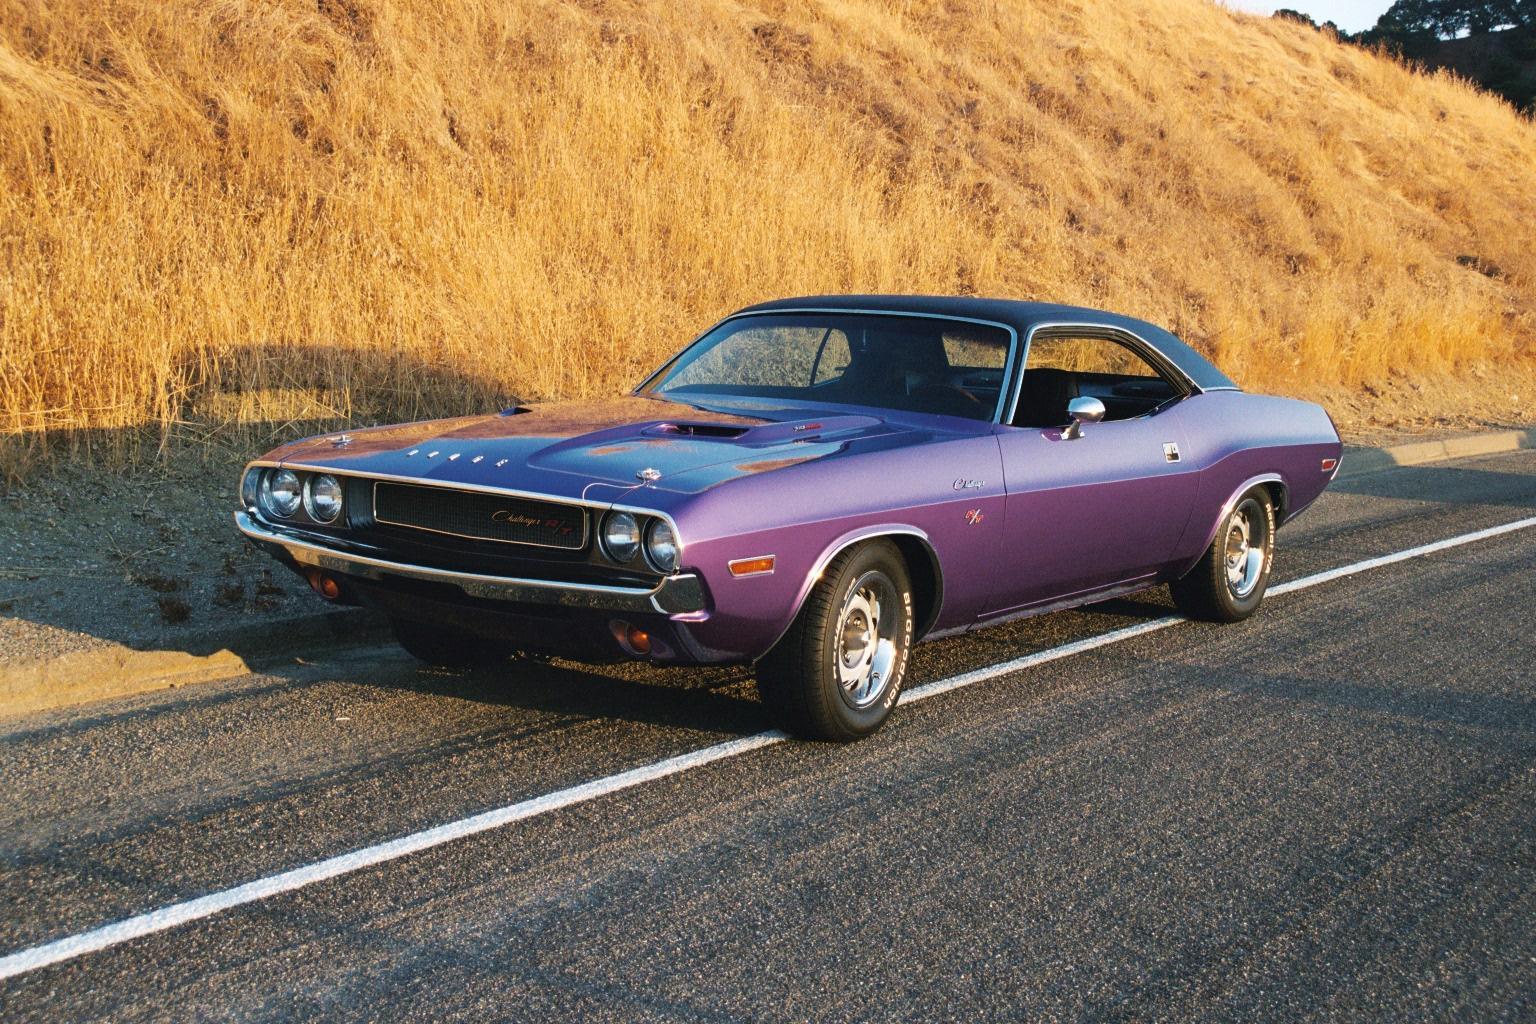 1970 Dodge Challenger Pictures 1536x1024